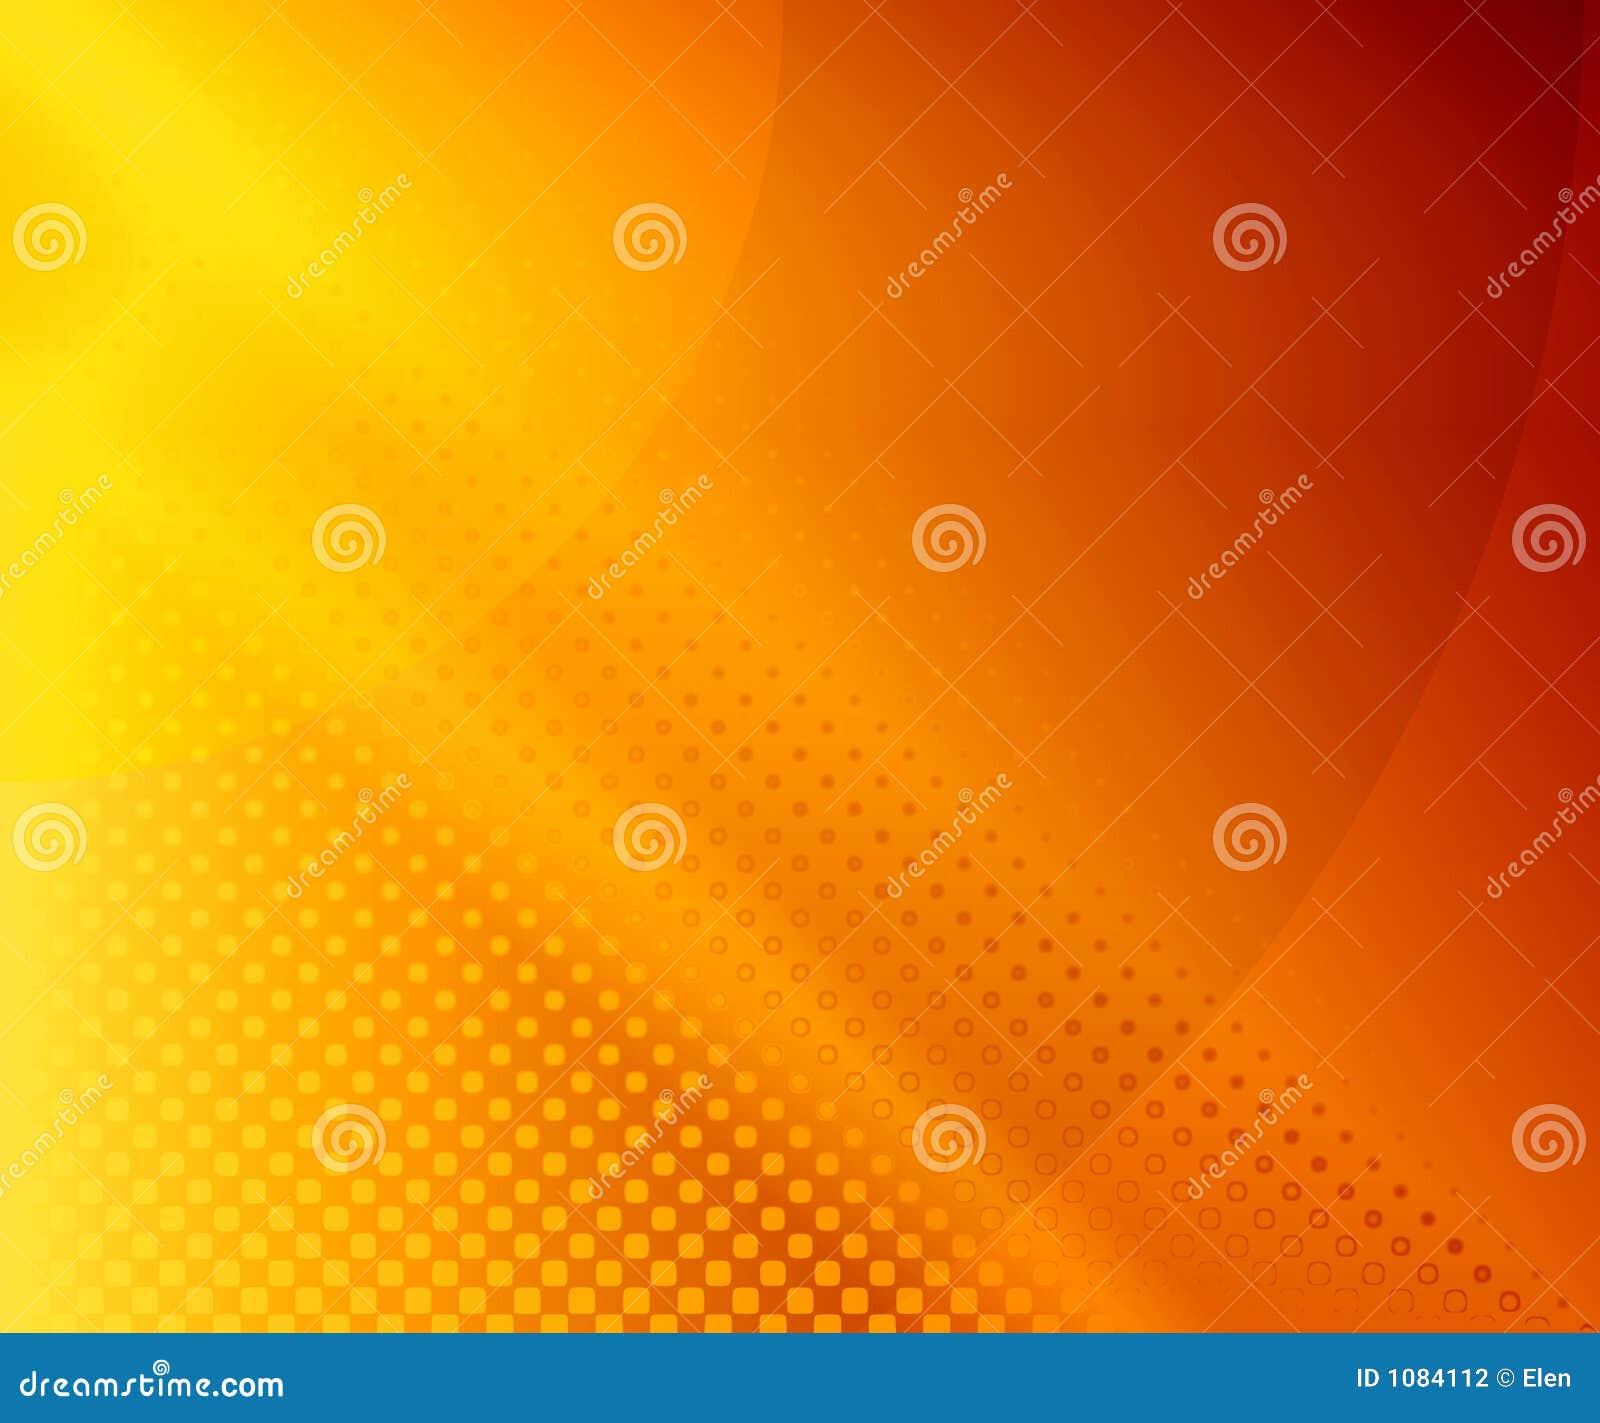 Sunny background